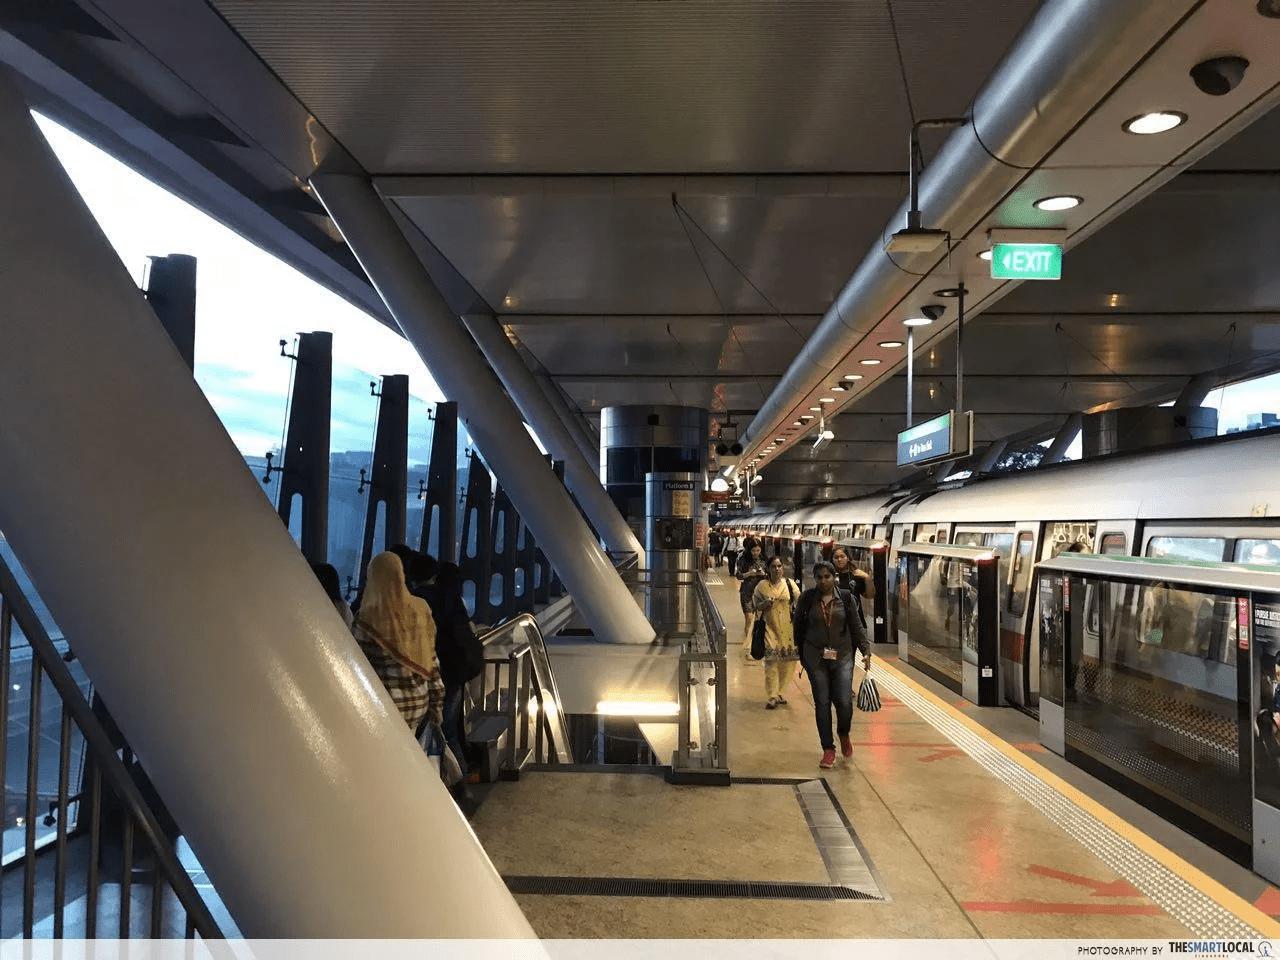 No MRT